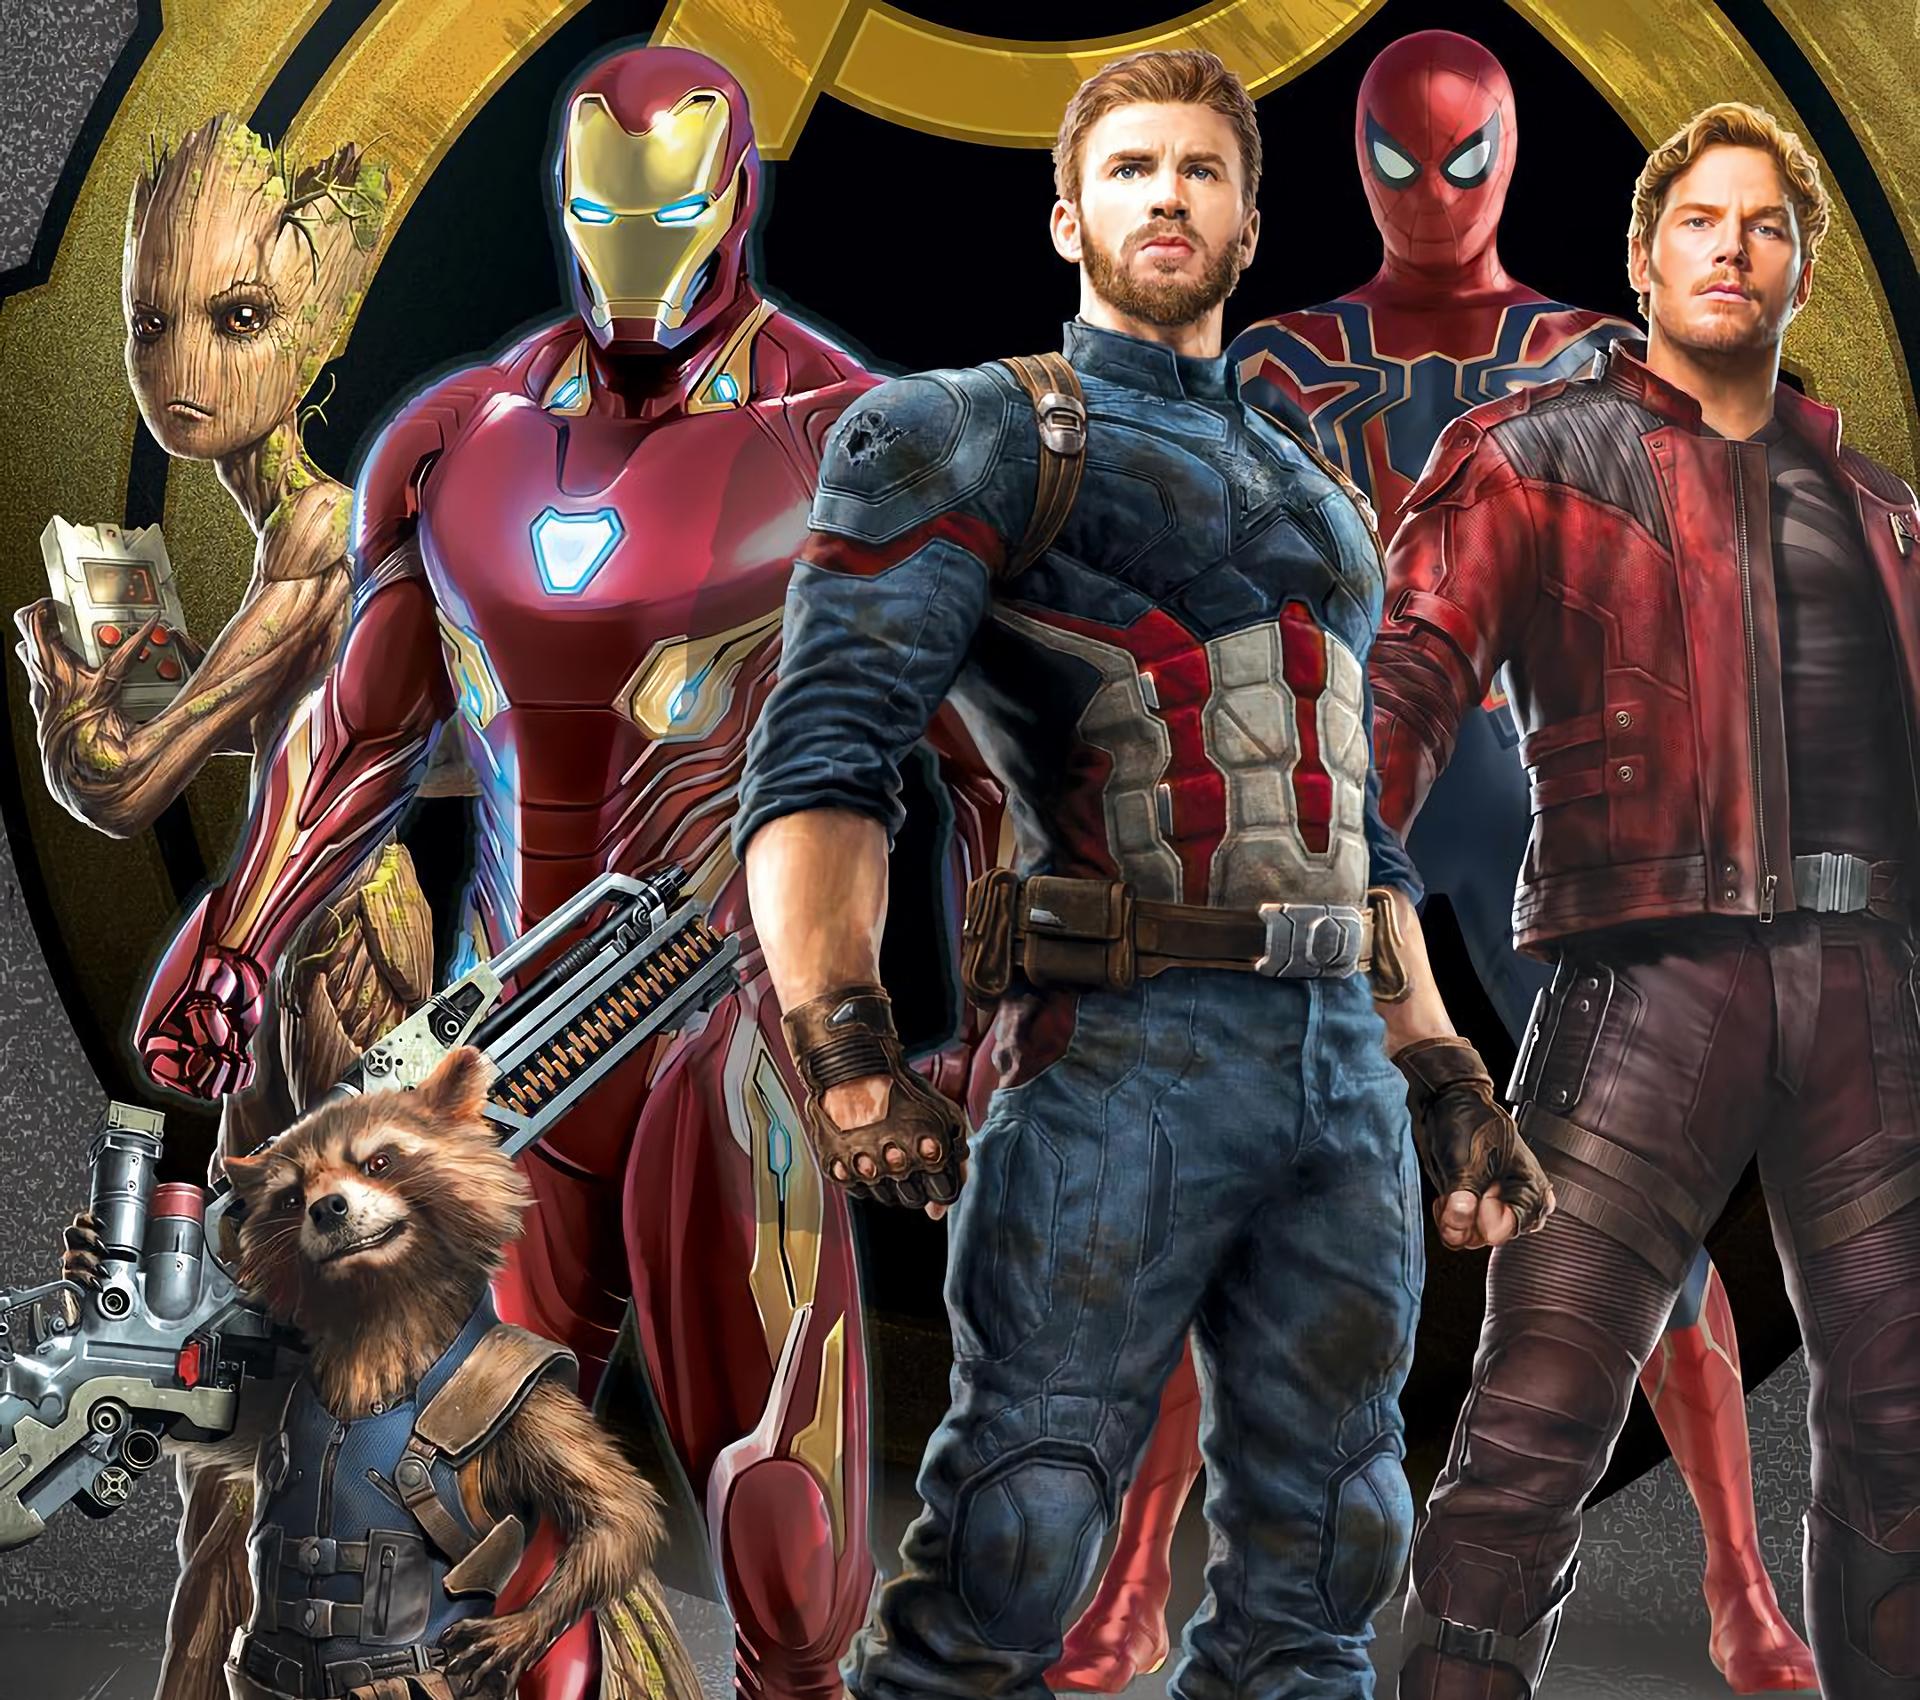 Fondos De Los Vengadores Infinity War Wallpapers Avengers